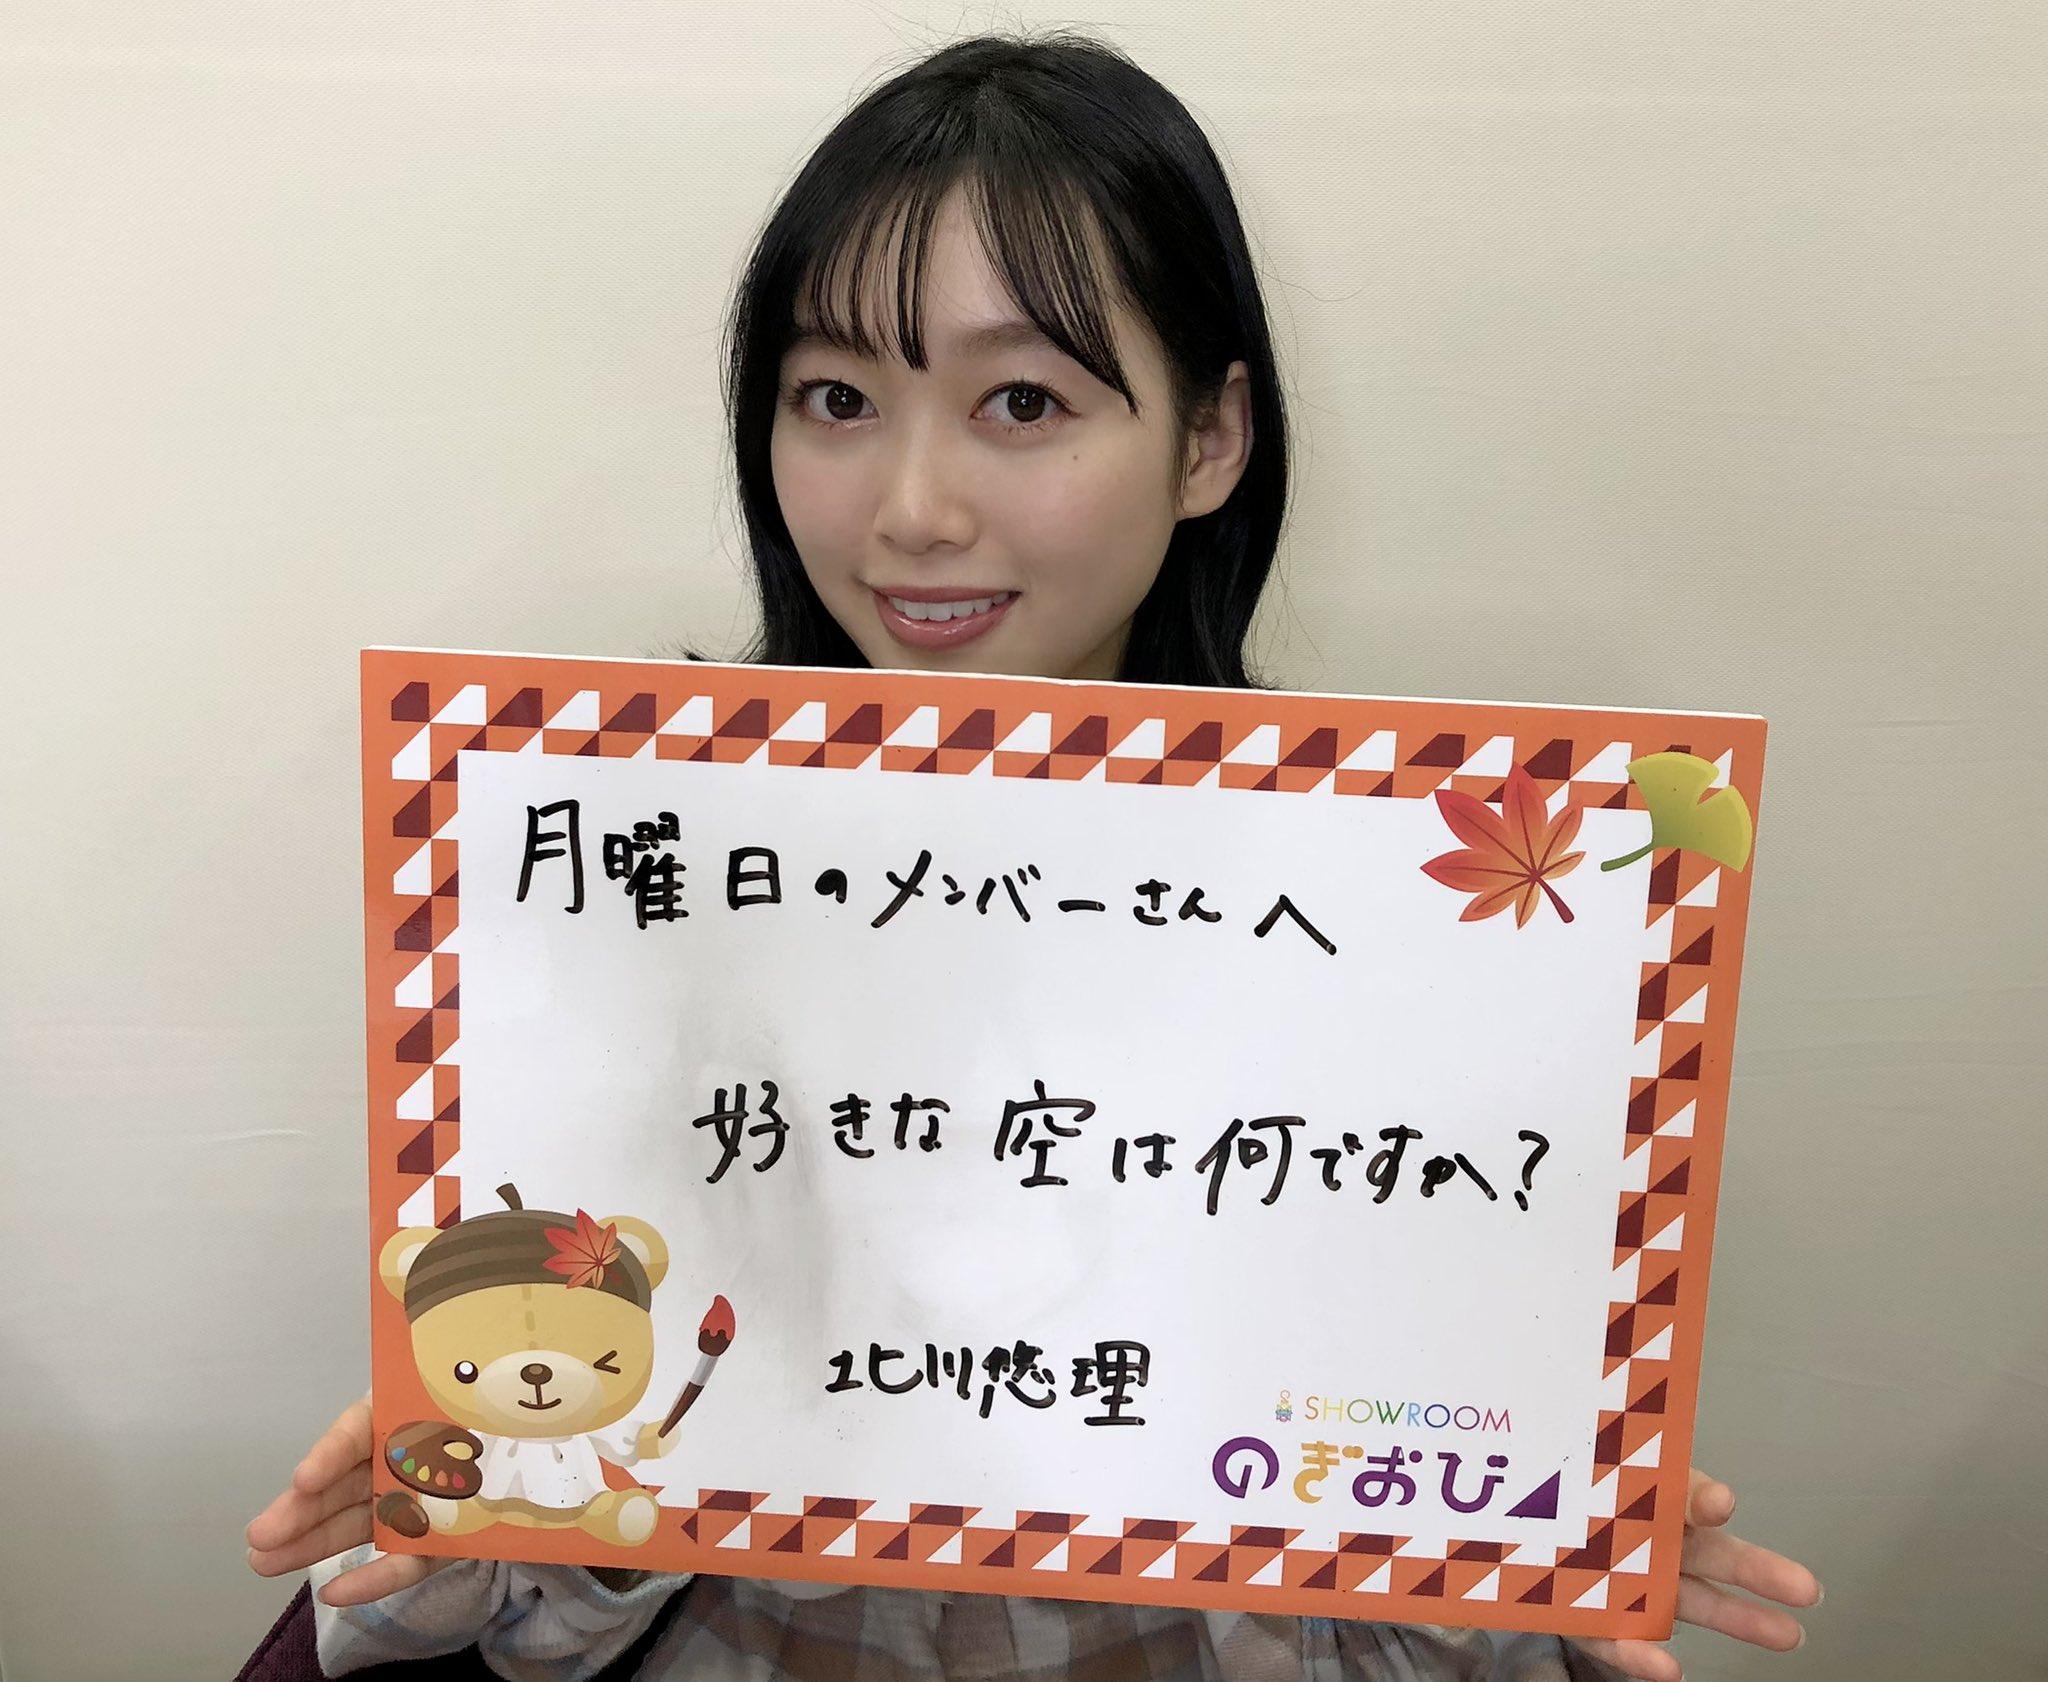 のぎおび 北川悠理から次回メンバーへの宿題「好きな空は何ですか?」